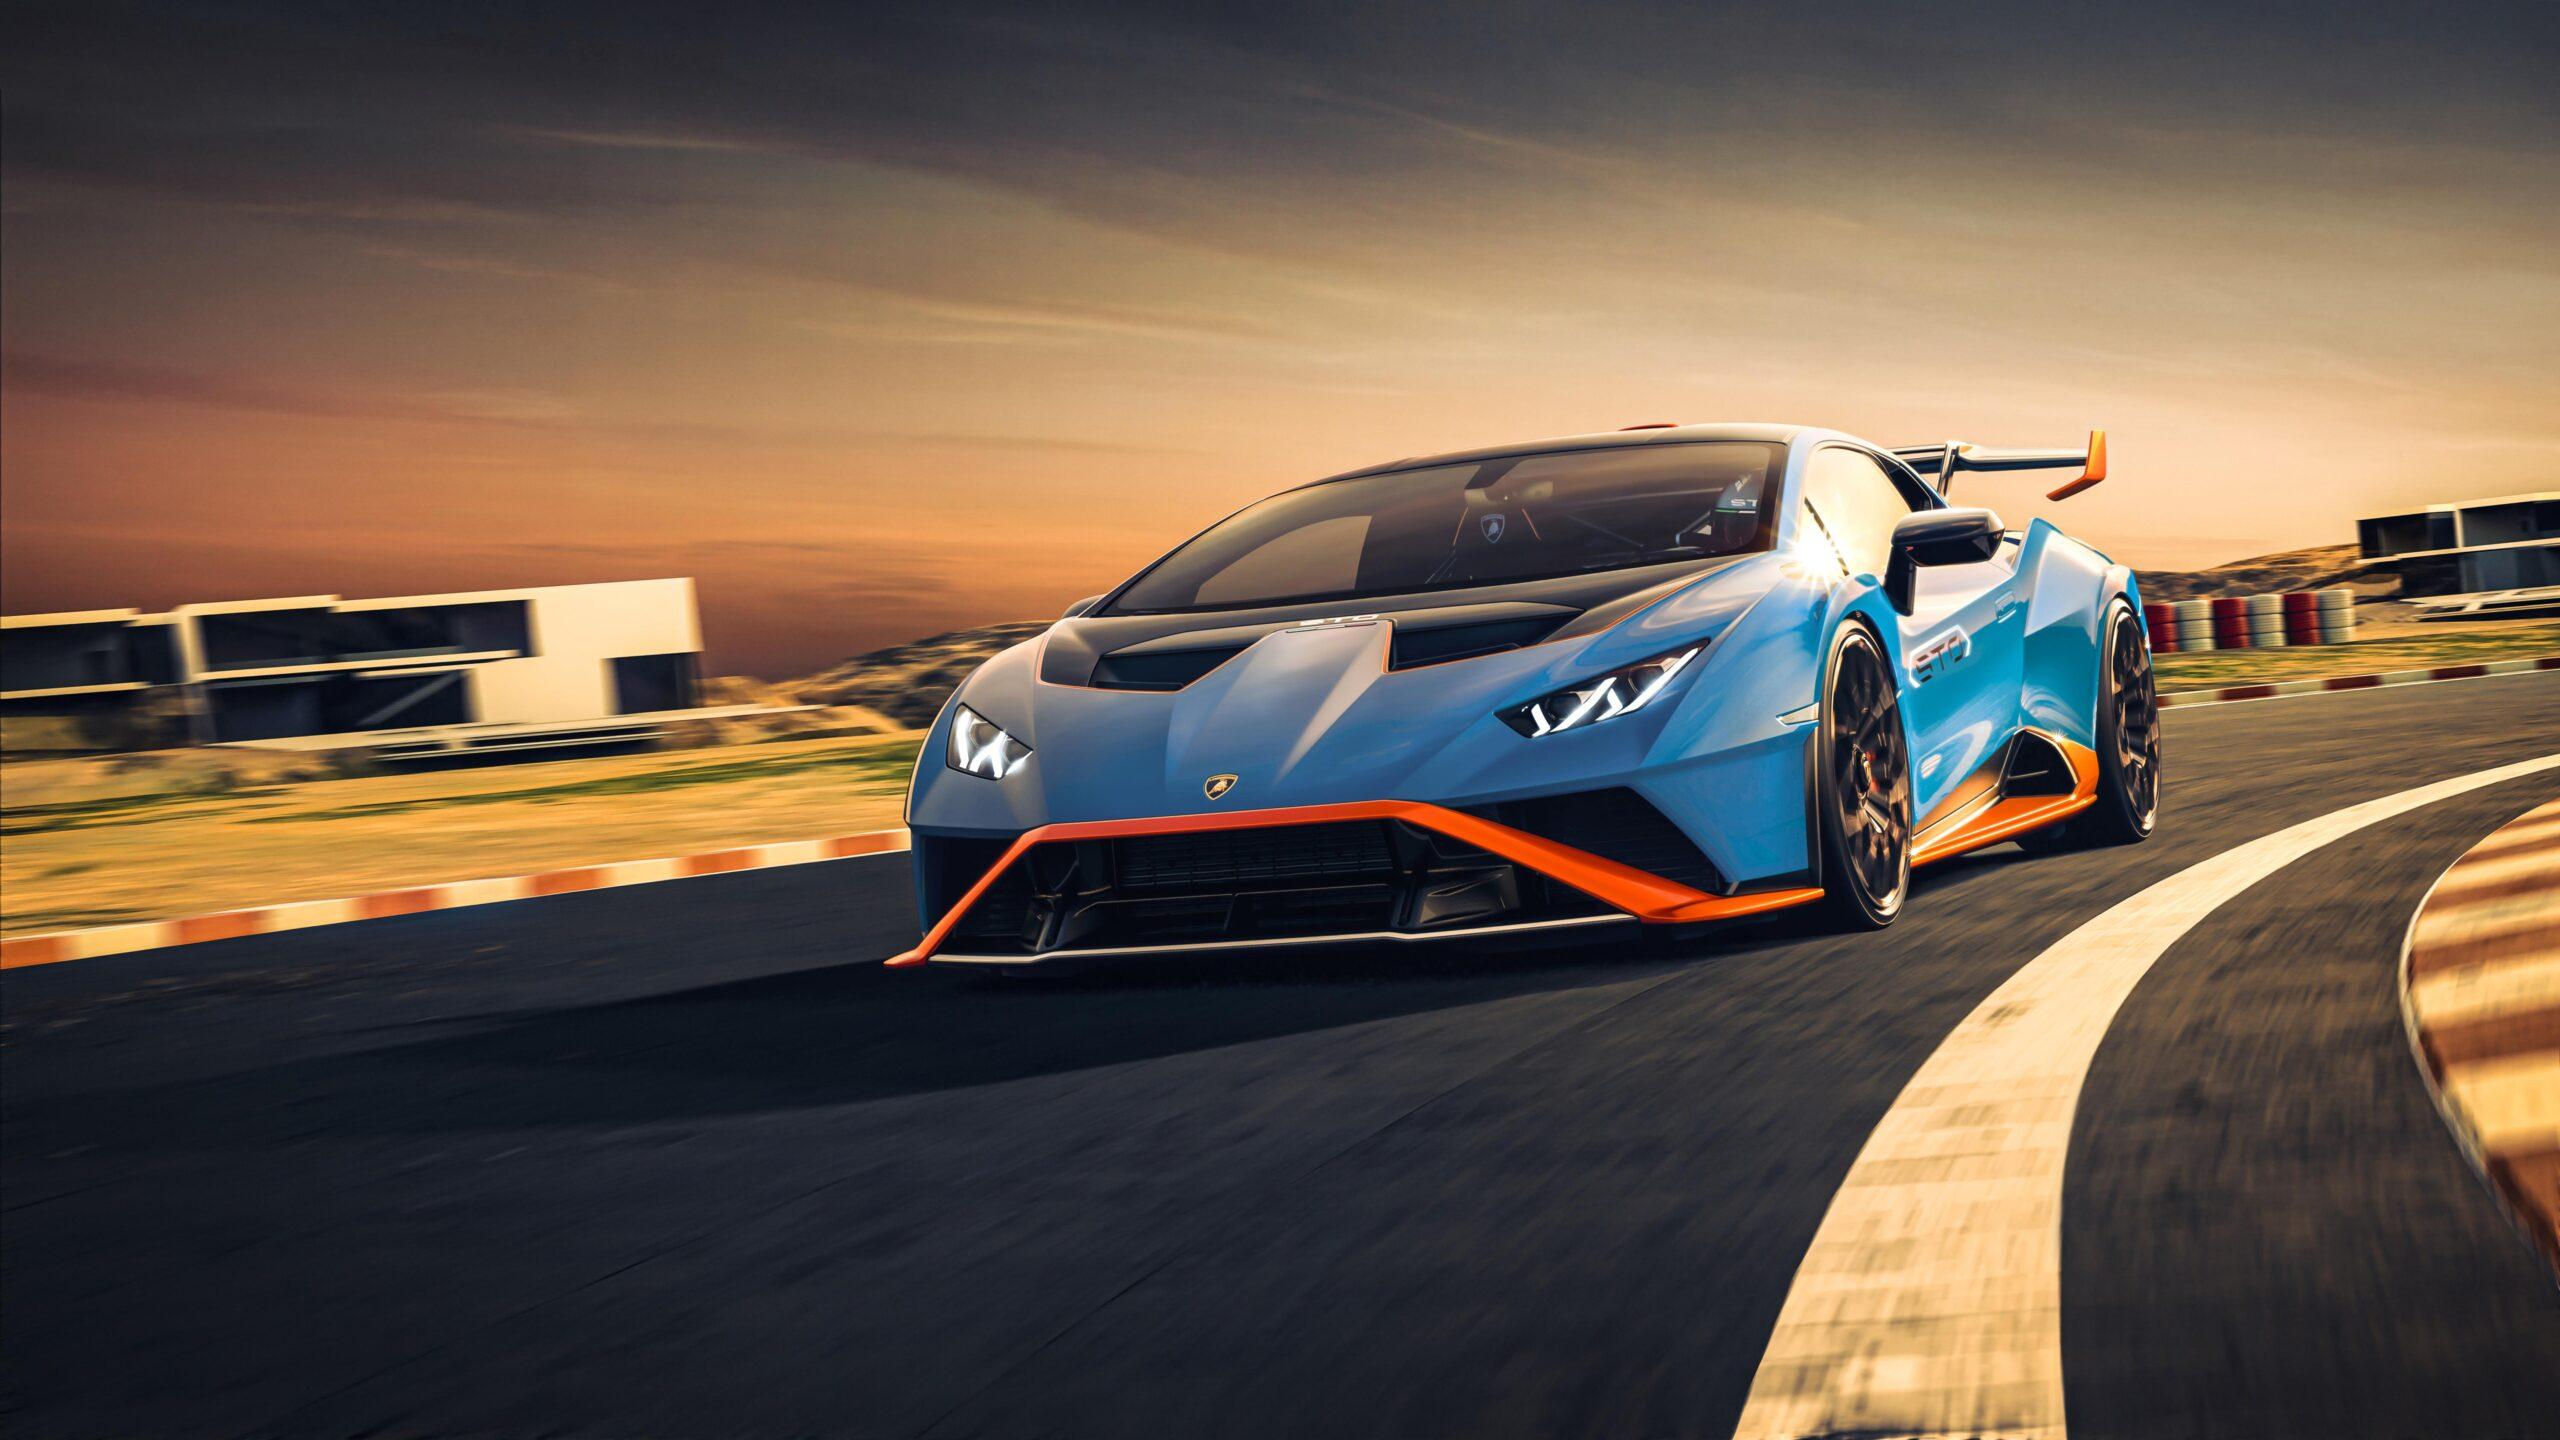 Lamborghini Huracan STO Frontale